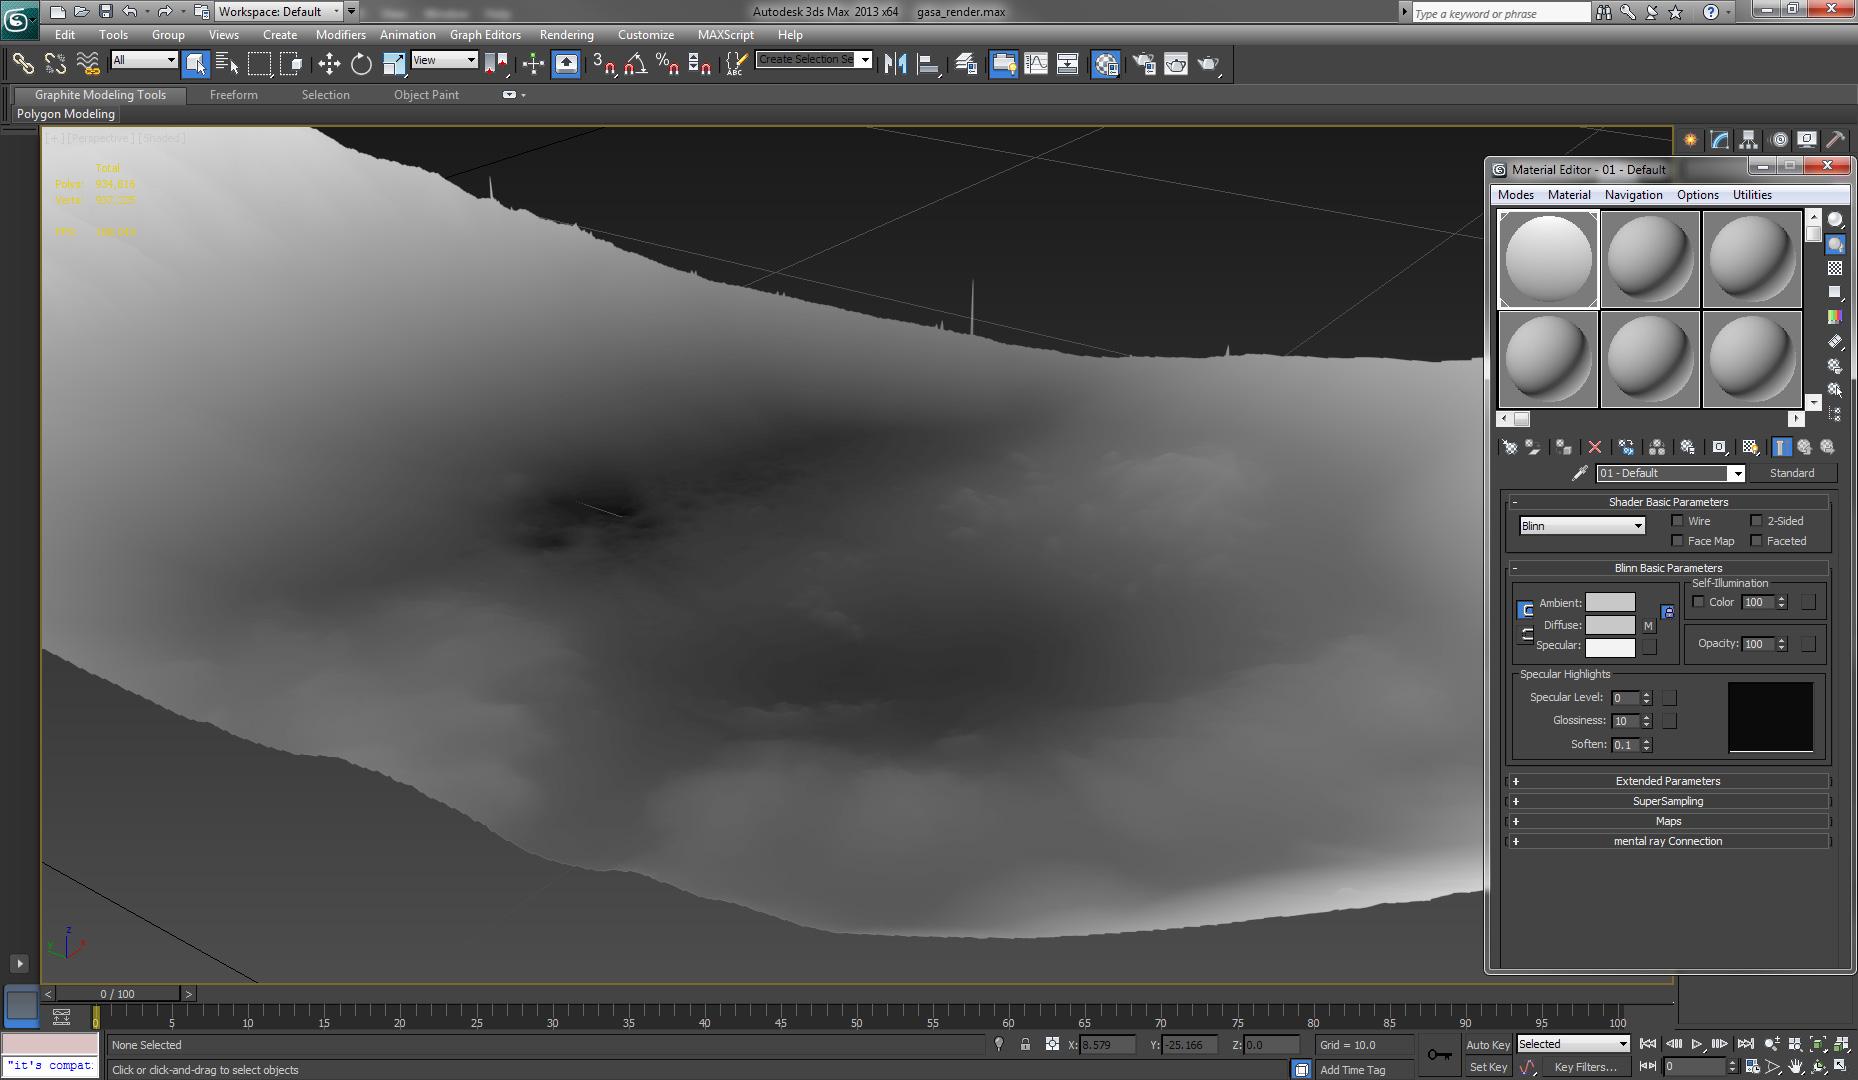 gradientmat_heightmap.jpg